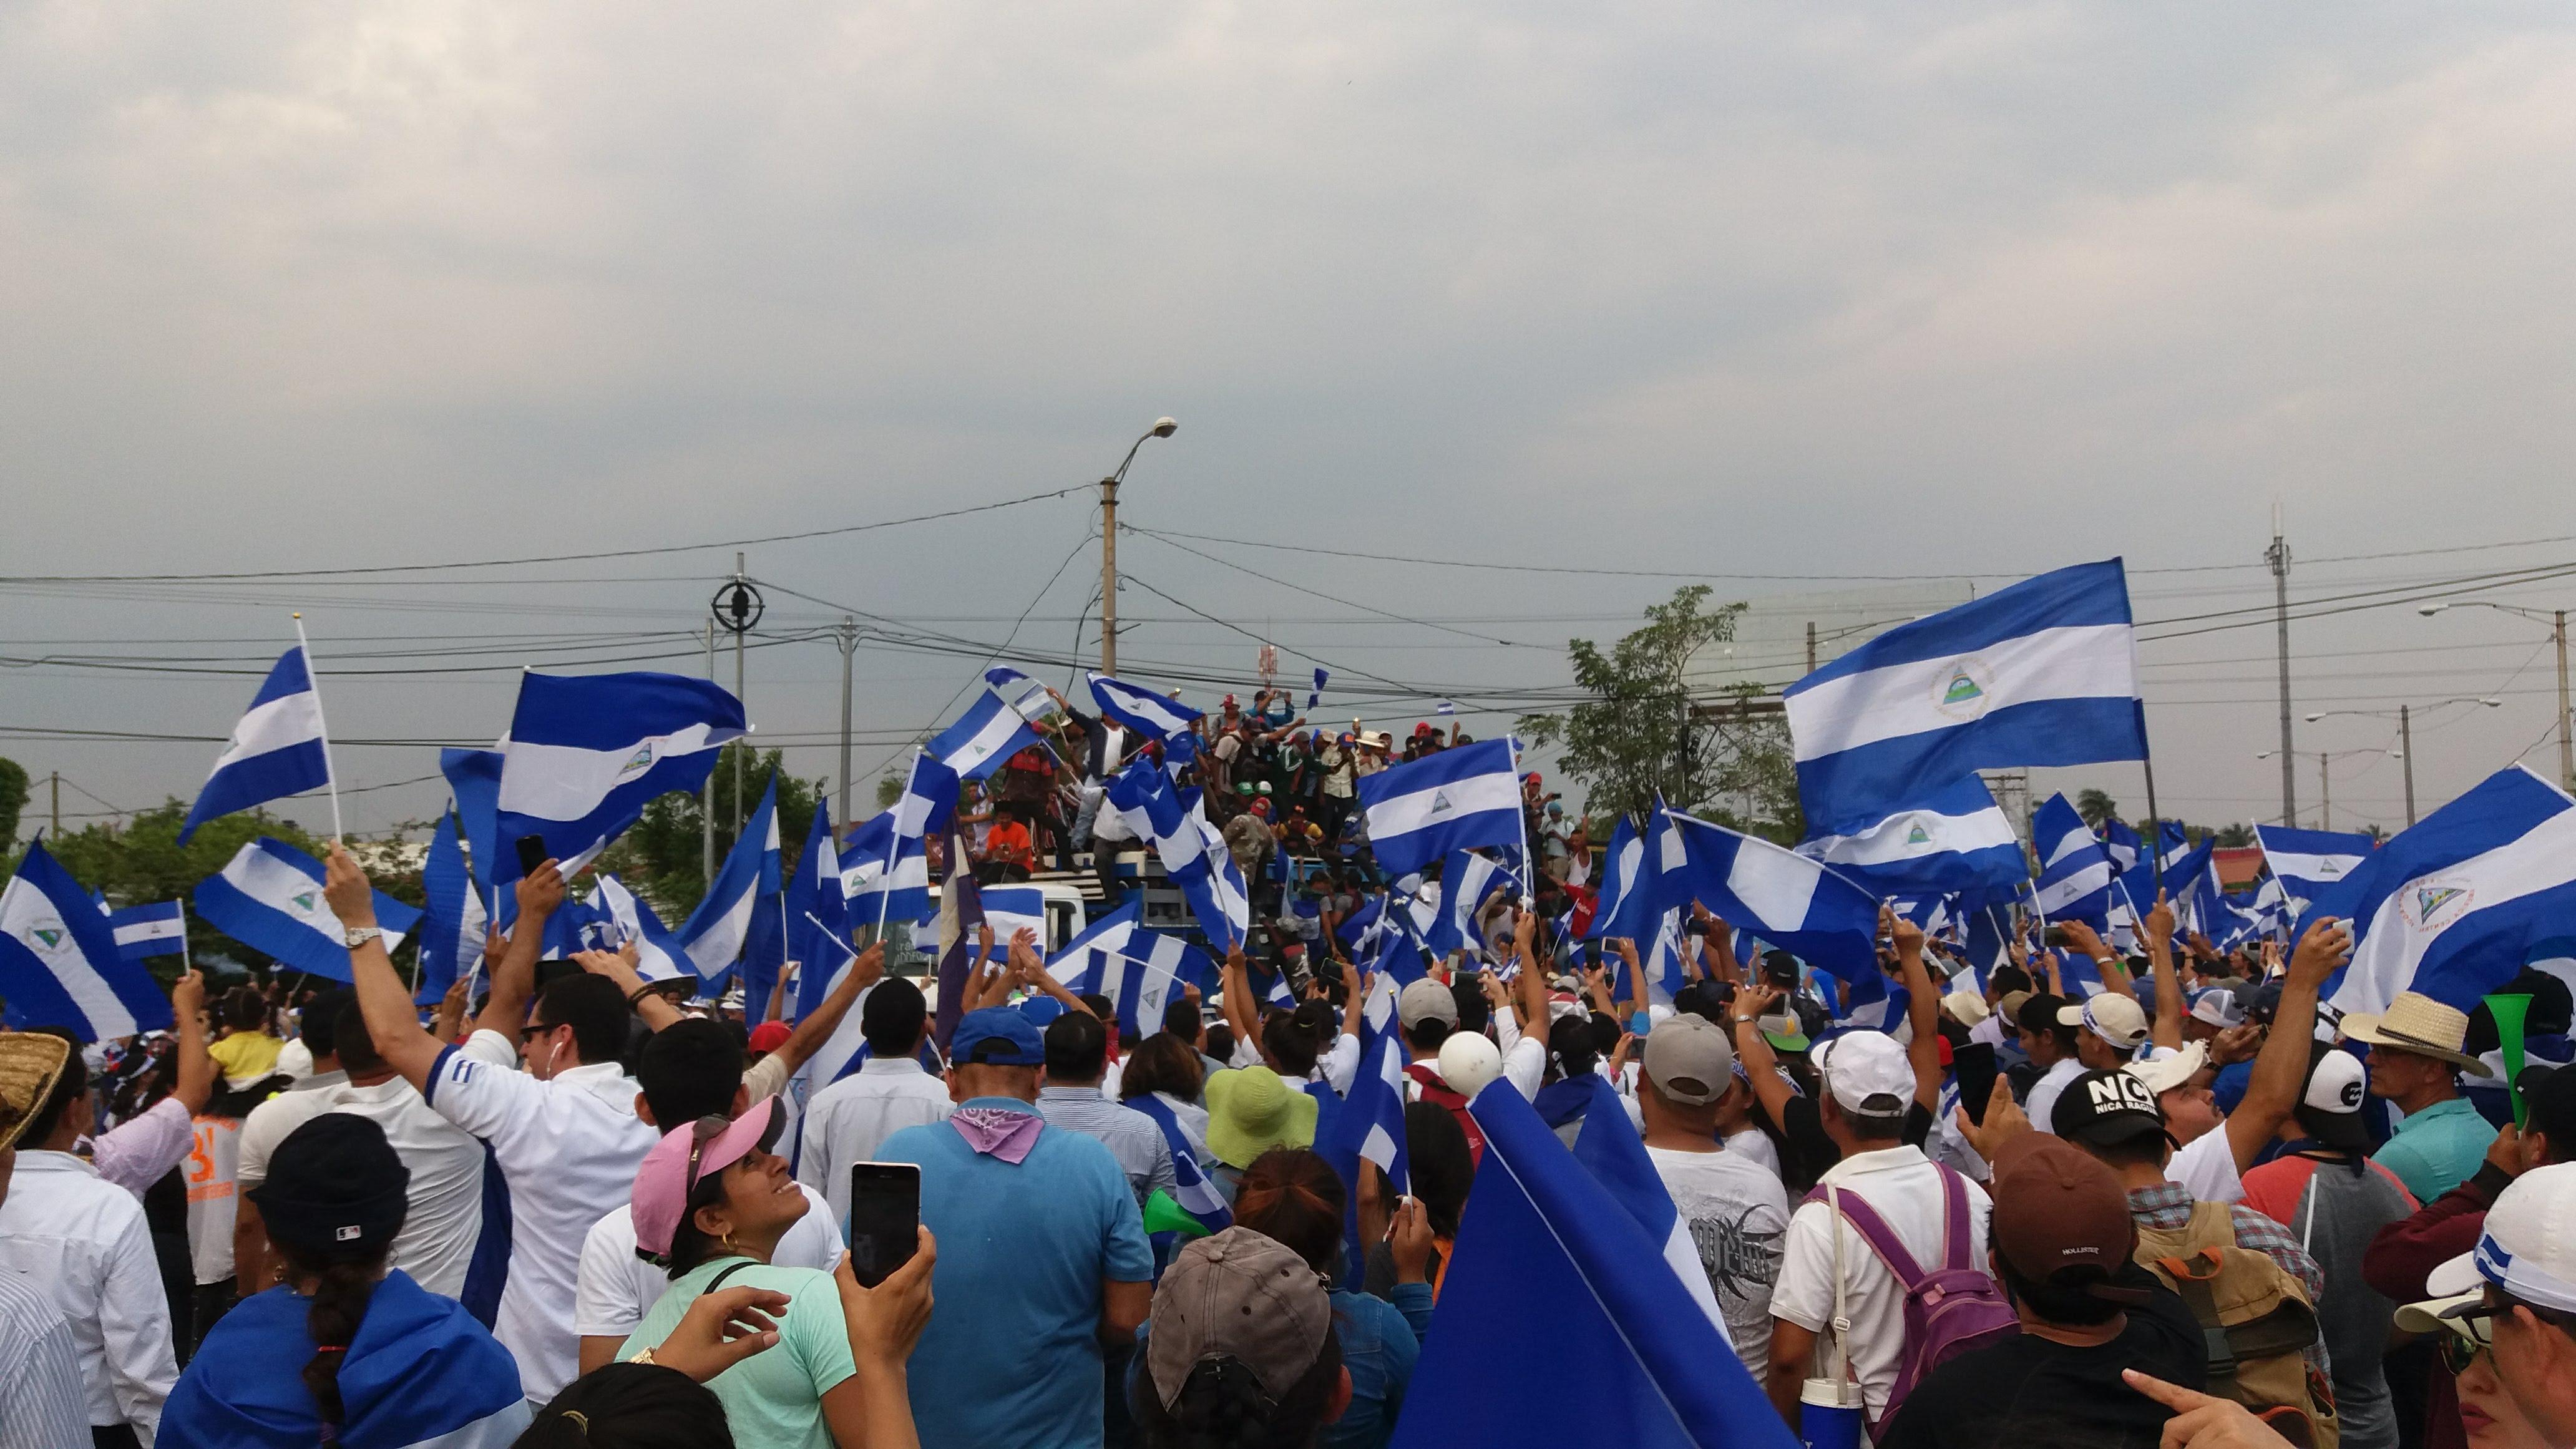 Desde el 18 de abril, los nicaragüenses siguen demandando justicia. Foto: María Gómez